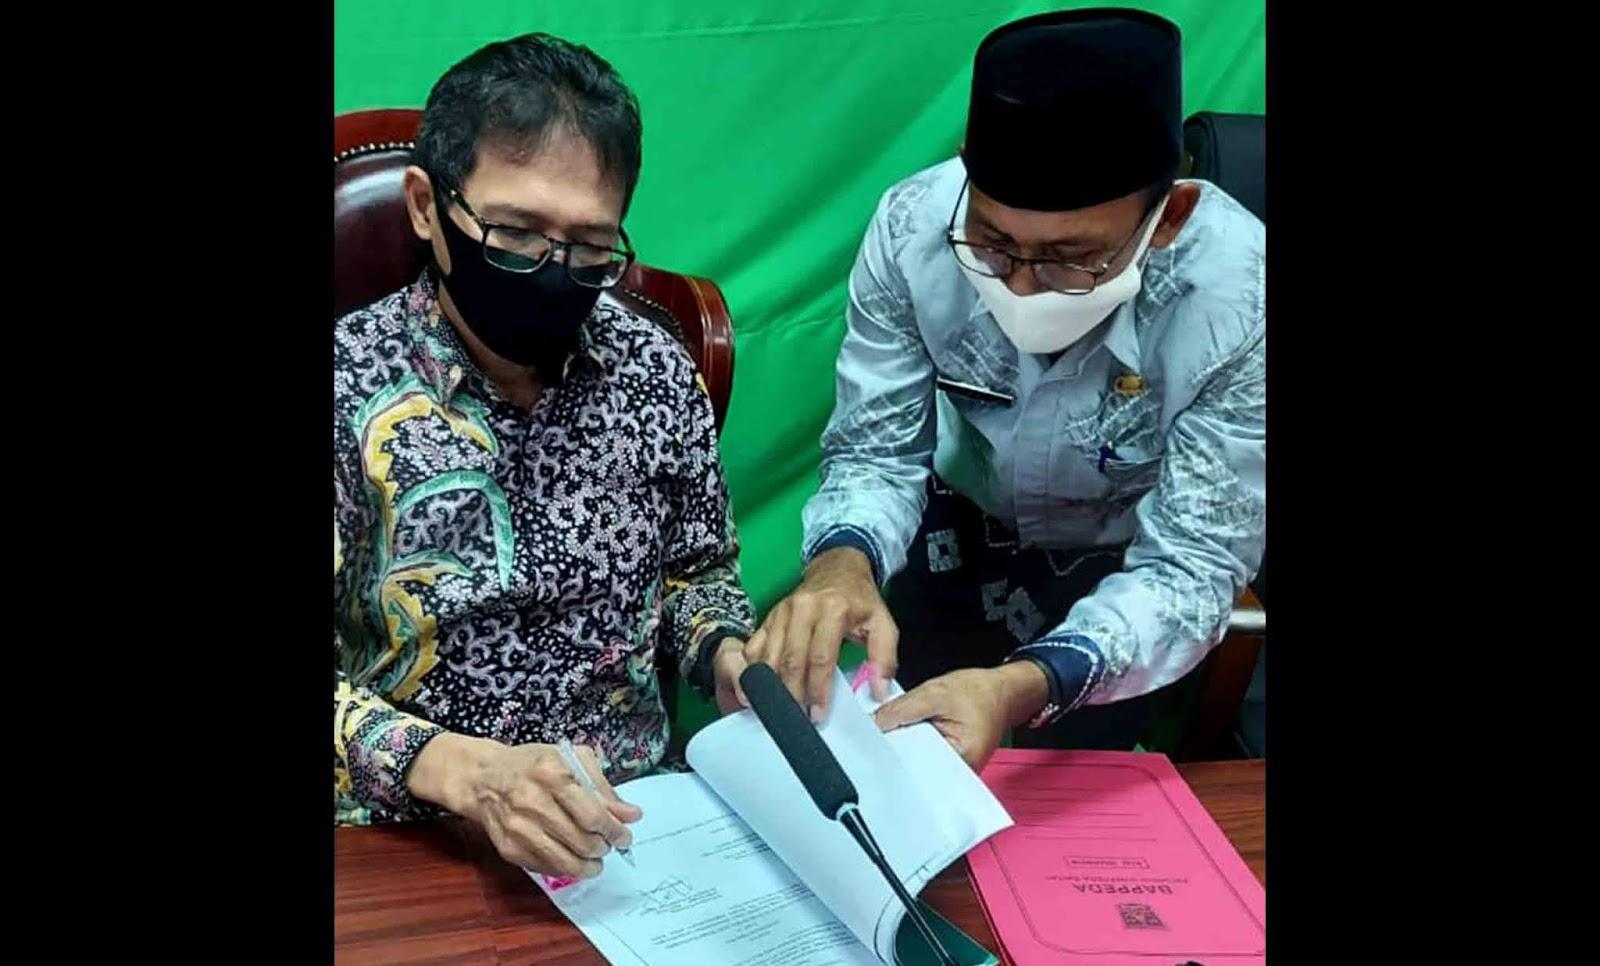 Gubernur Sumatera Barat Irwan Prayitno menandatangani Pergub pencairan dana bantuan sosial dampak Covid-19 atau Jaring Pengaman Sosial (JPS)